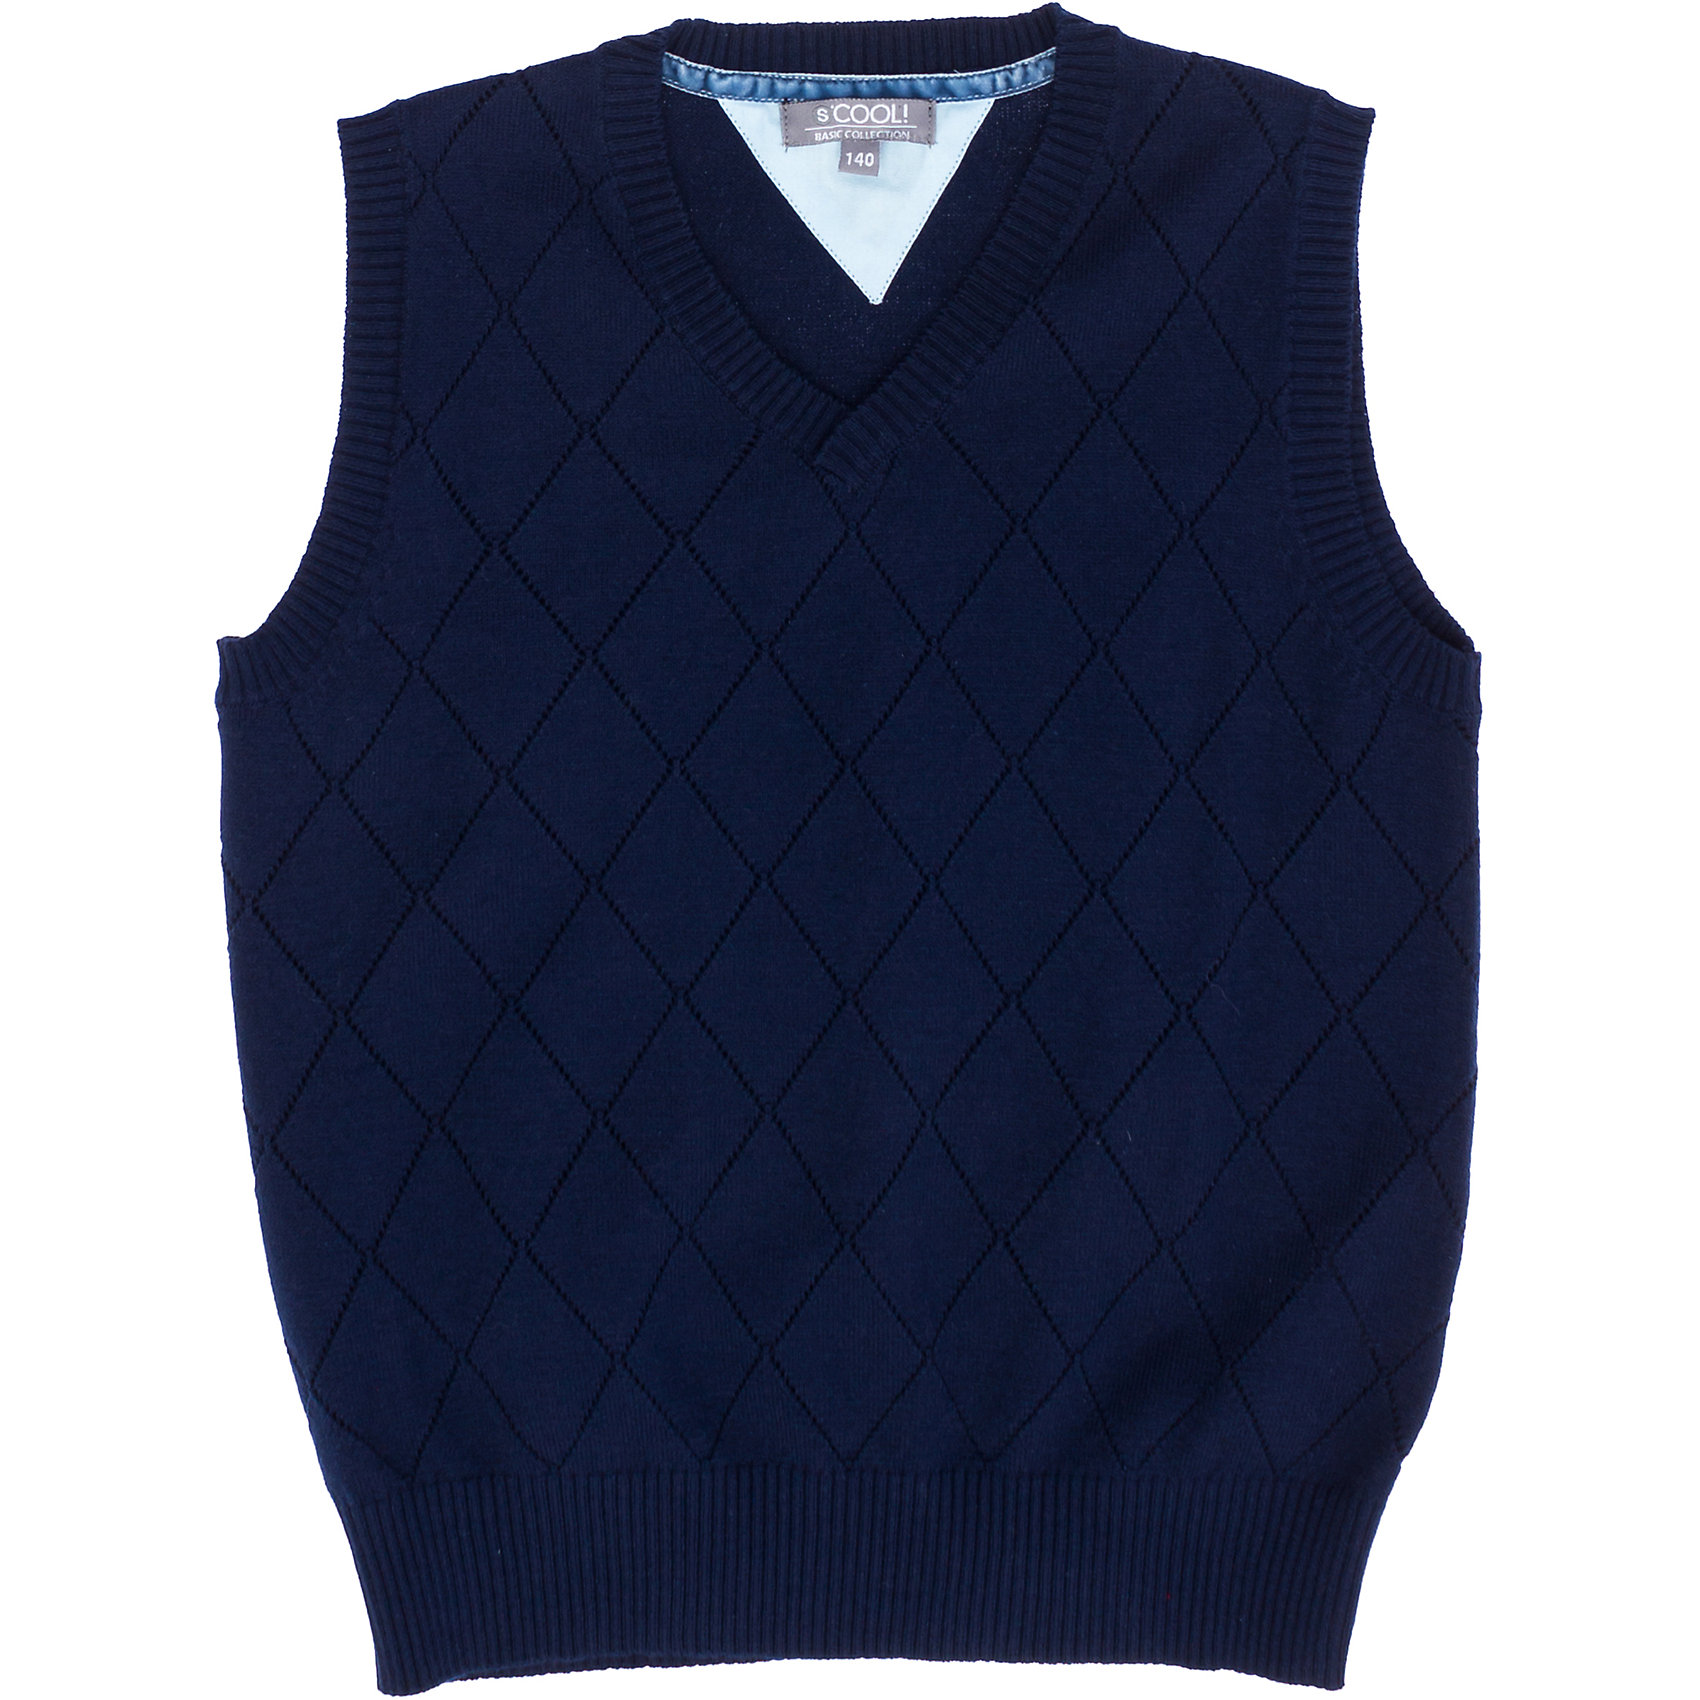 Жилет для мальчика ScoolЖилет для мальчика от известного бренда Scool<br>Состав:<br>60% хлопок, 40% акрил<br>Стильный темно-синий жилет с ажурной имитацией ромбов. Низ на мягкой резинке. Хорошо смотрится и с рубашками, и с футболками.<br><br>Ширина мм: 190<br>Глубина мм: 74<br>Высота мм: 229<br>Вес г: 236<br>Цвет: полуночно-синий<br>Возраст от месяцев: 72<br>Возраст до месяцев: 84<br>Пол: Мужской<br>Возраст: Детский<br>Размер: 122,140,164,128,152,134,146,158<br>SKU: 4686679